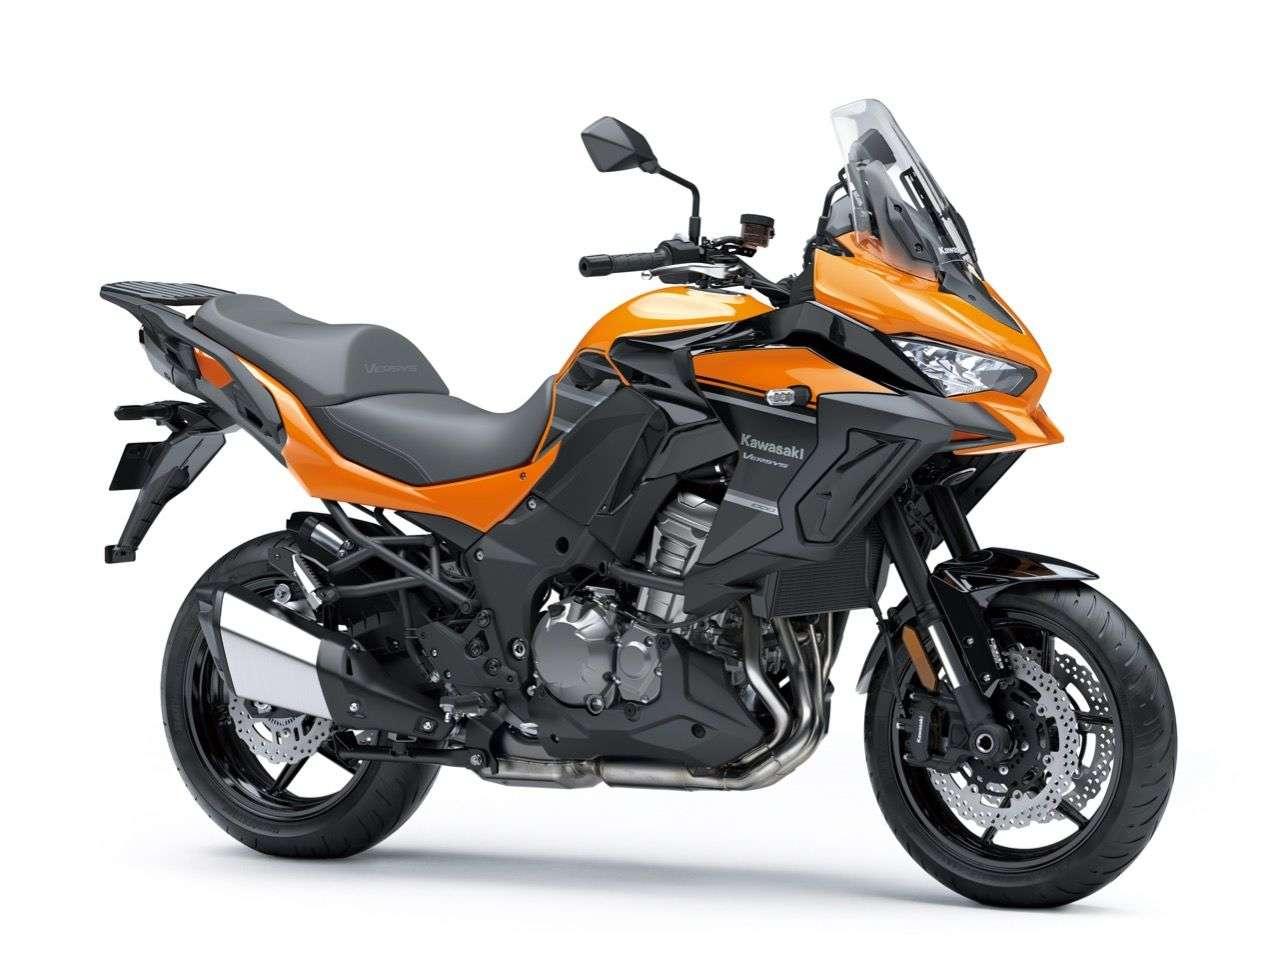 Orange für das Basismodell: Kawasaki Versys 1000, Modelljahr 2019.